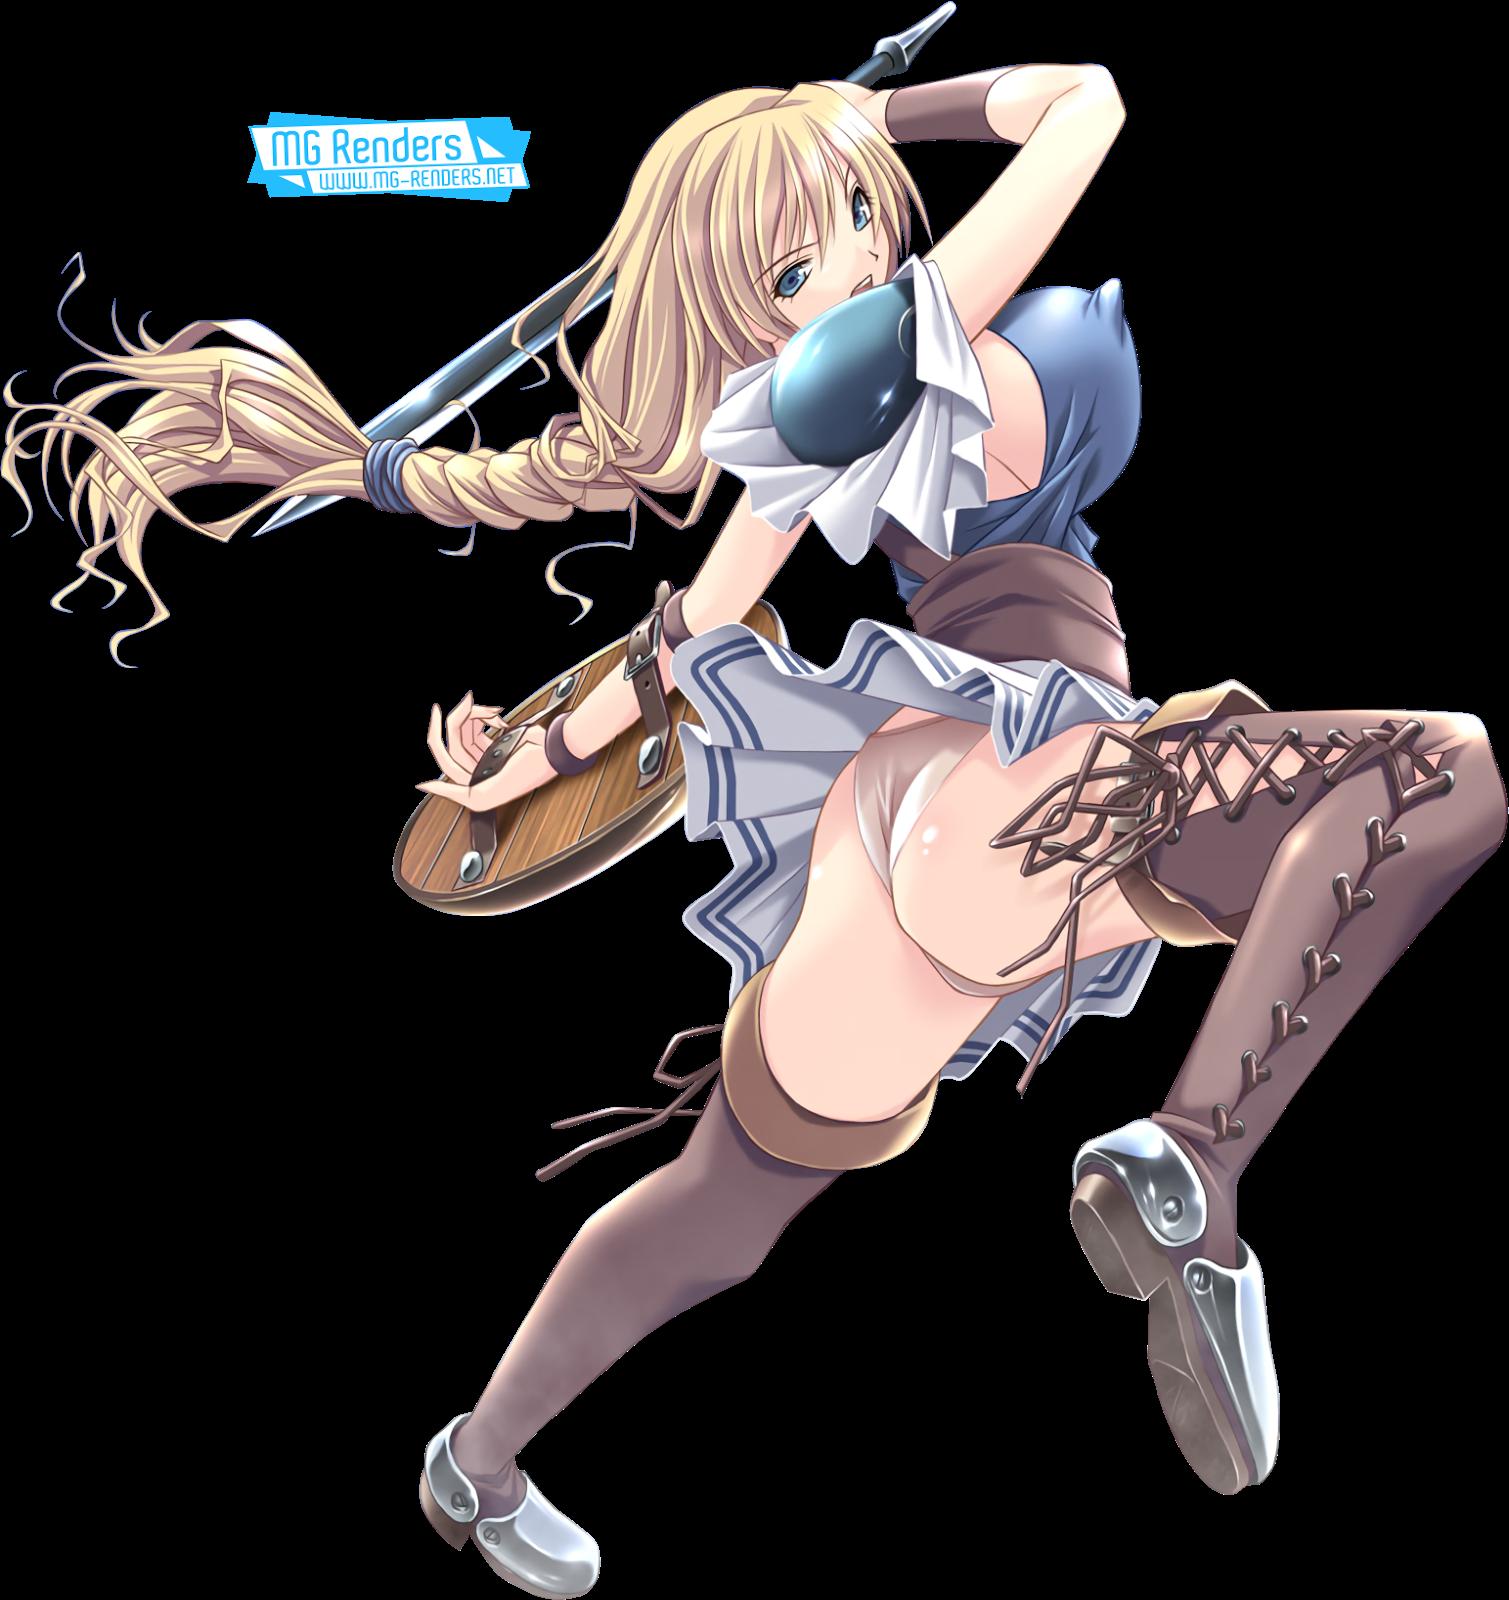 Tags: Anime, Render,  Braid,  Huge Breasts,  Pantsu,  Sideboob,  Skirt,  Sophitia Alexandra,  Soulcalibur,  PNG, Image, Picture